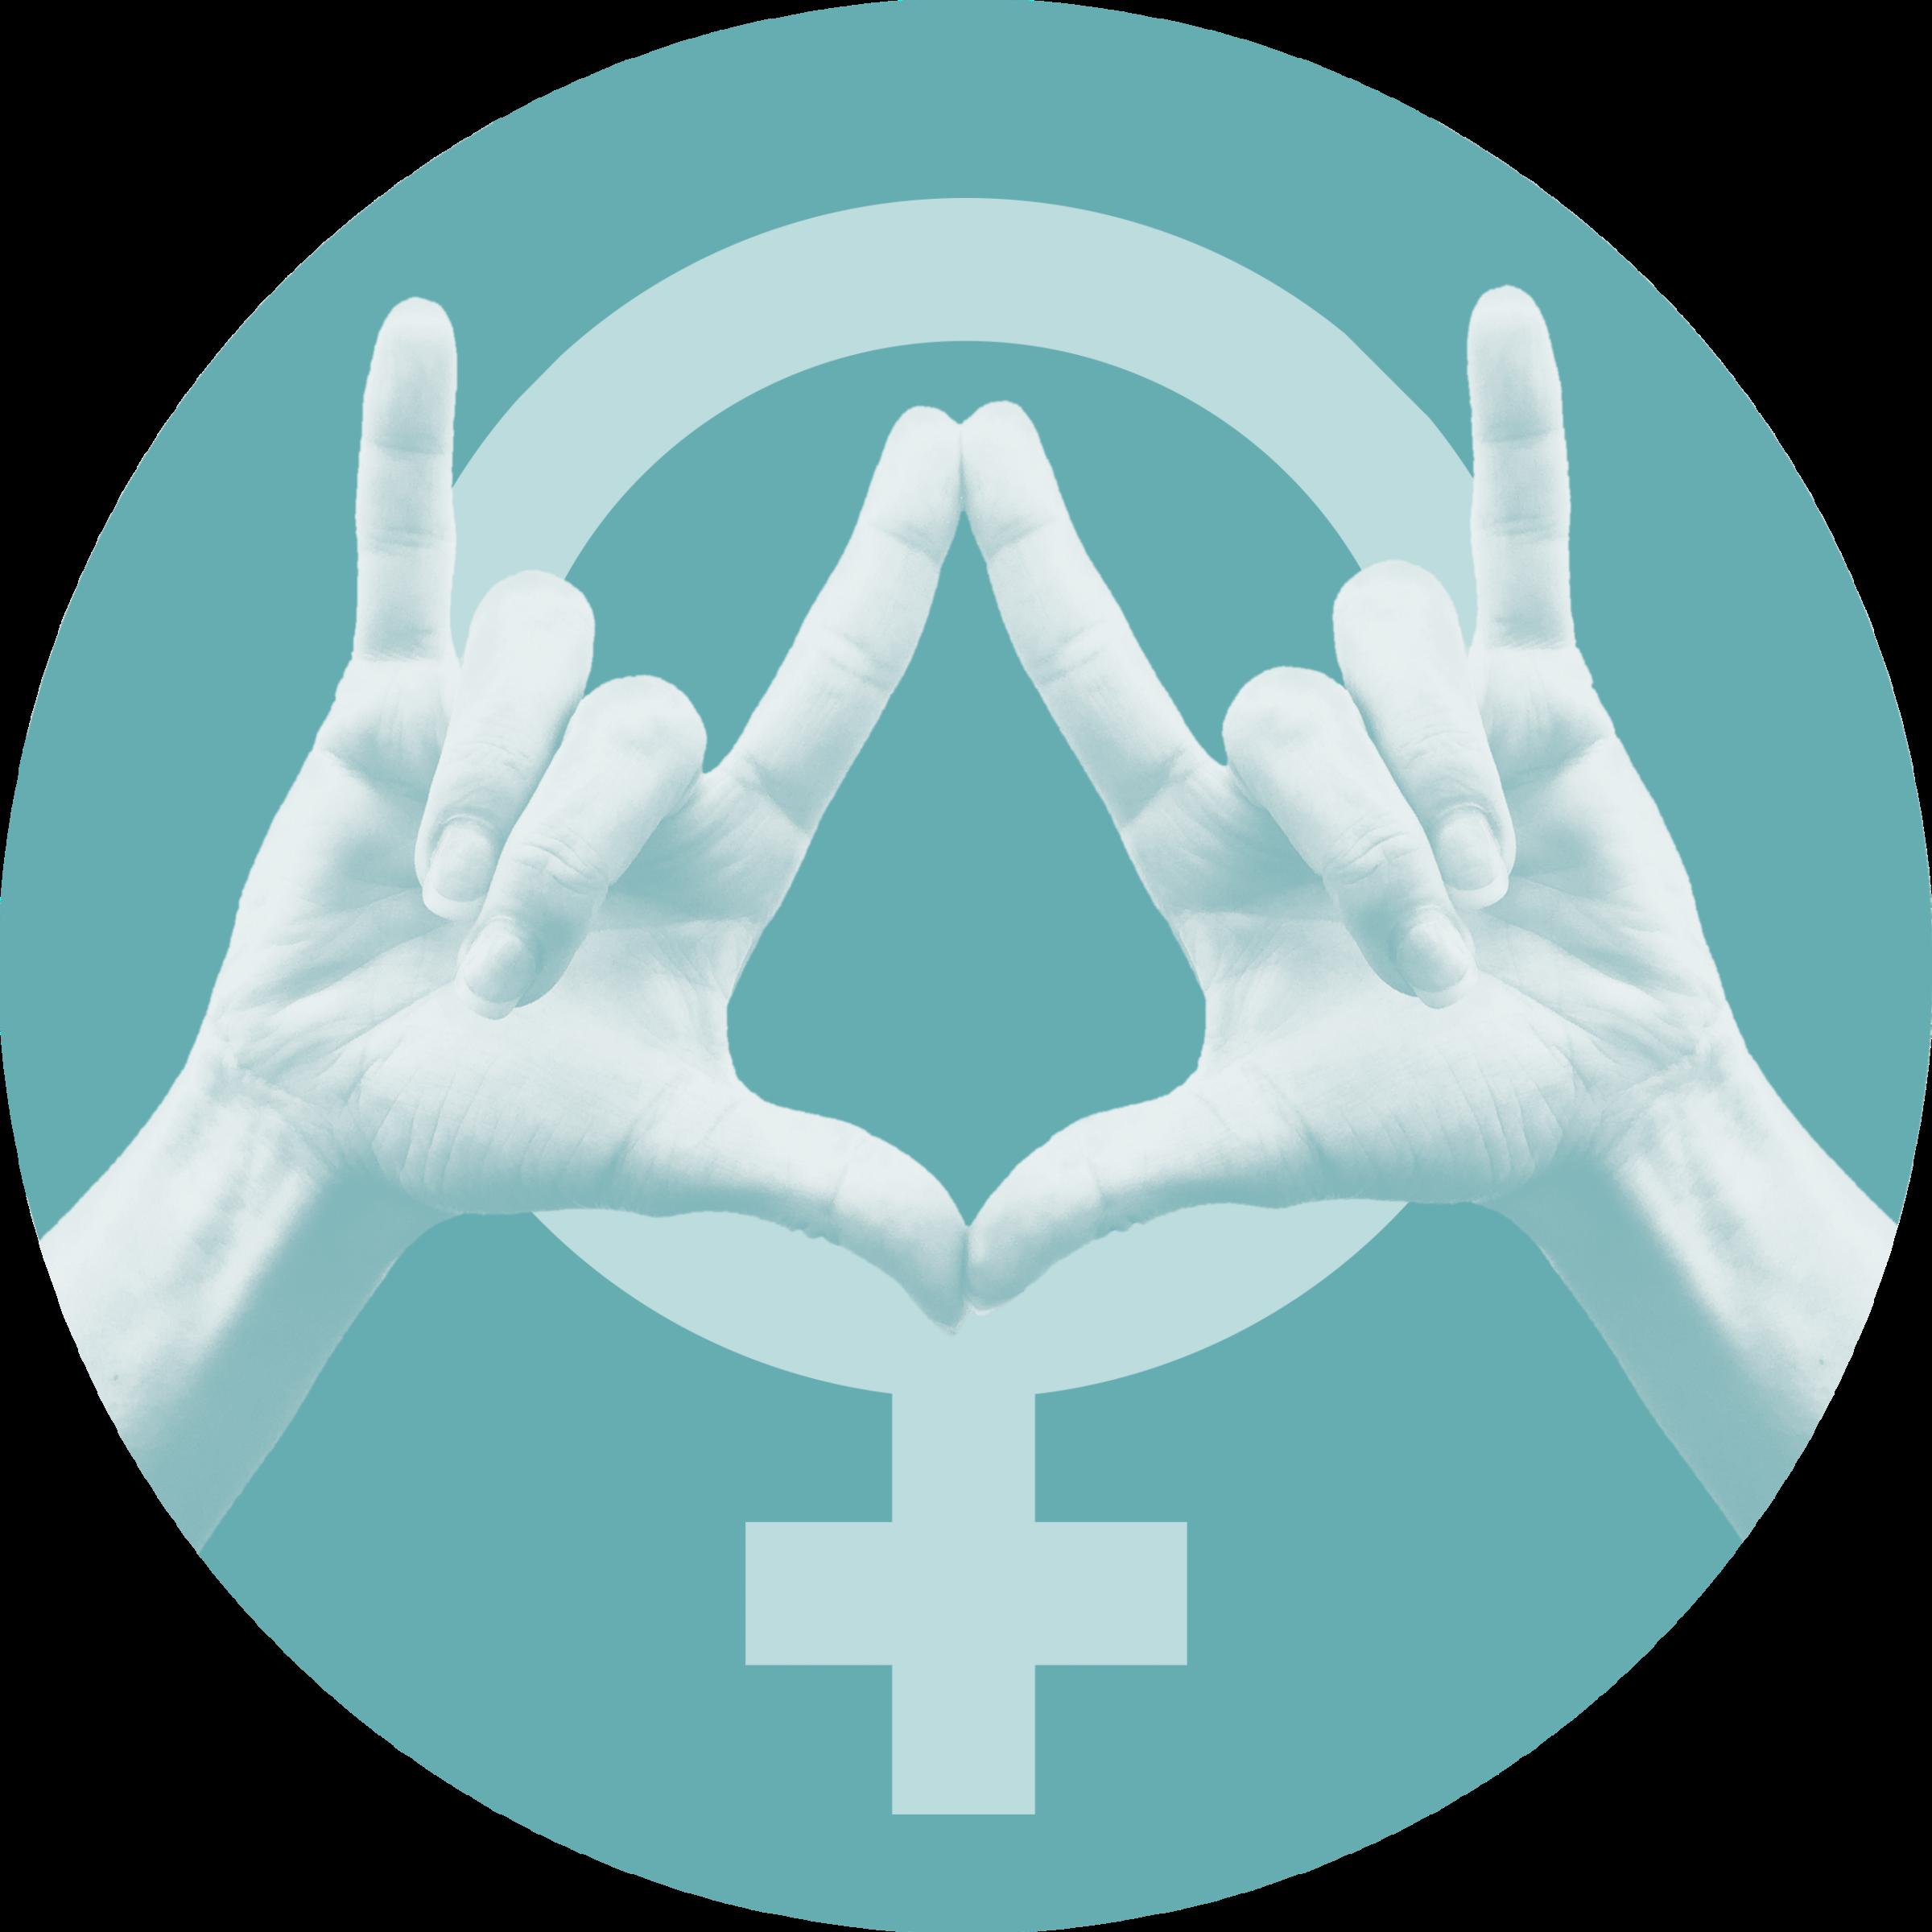 """Venussymbol auf türkisem Hintergrund, davor zwei Hände, welche die Gebärde """"I Love Vagina"""" bilden"""